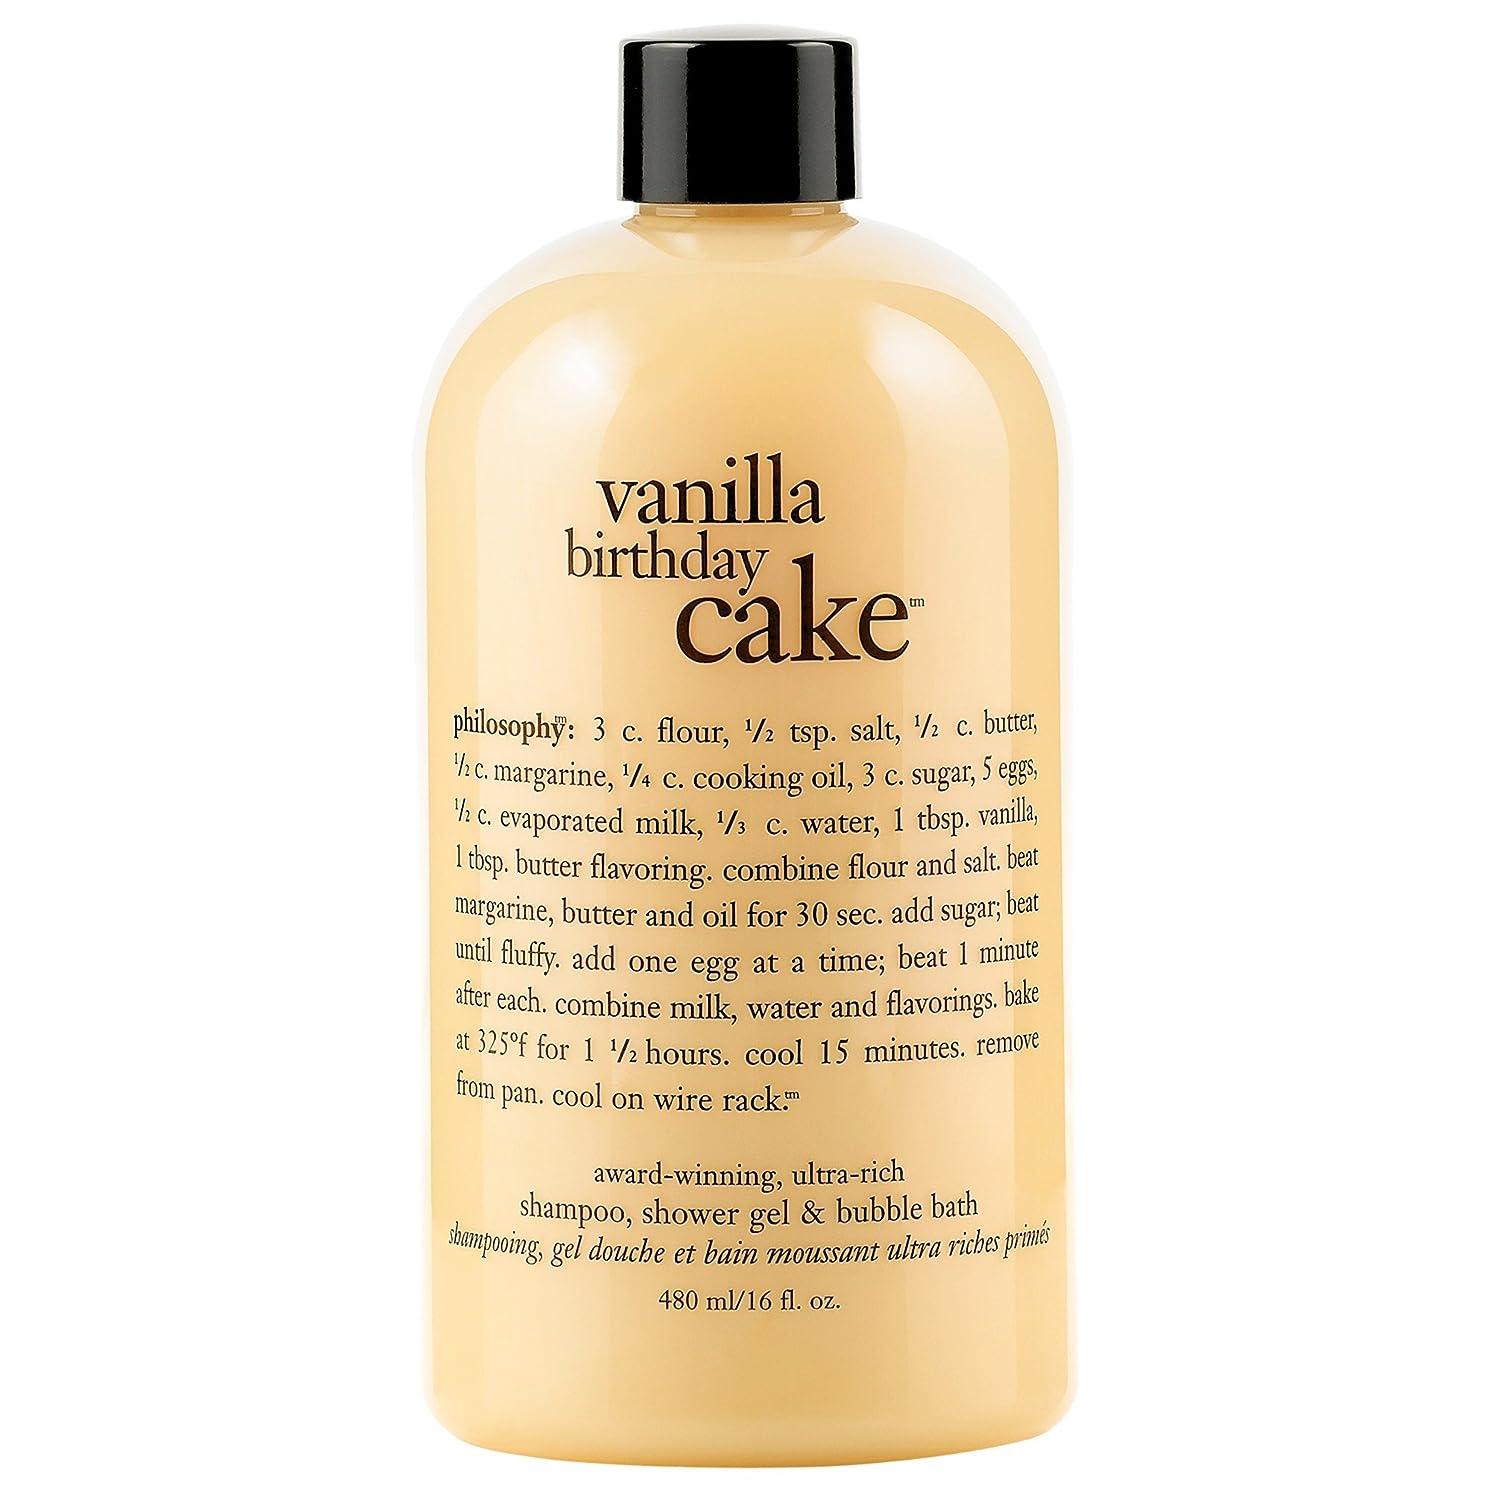 キャンディーアクロバット再集計哲学バニラバースデーケーキシャンプー/シャワージェル/バブルバス480ミリリットル (Philosophy) (x2) - Philosophy Vanilla Birthday Cake Shampoo/Shower Gel/Bubble Bath 480ml (Pack of 2) [並行輸入品]